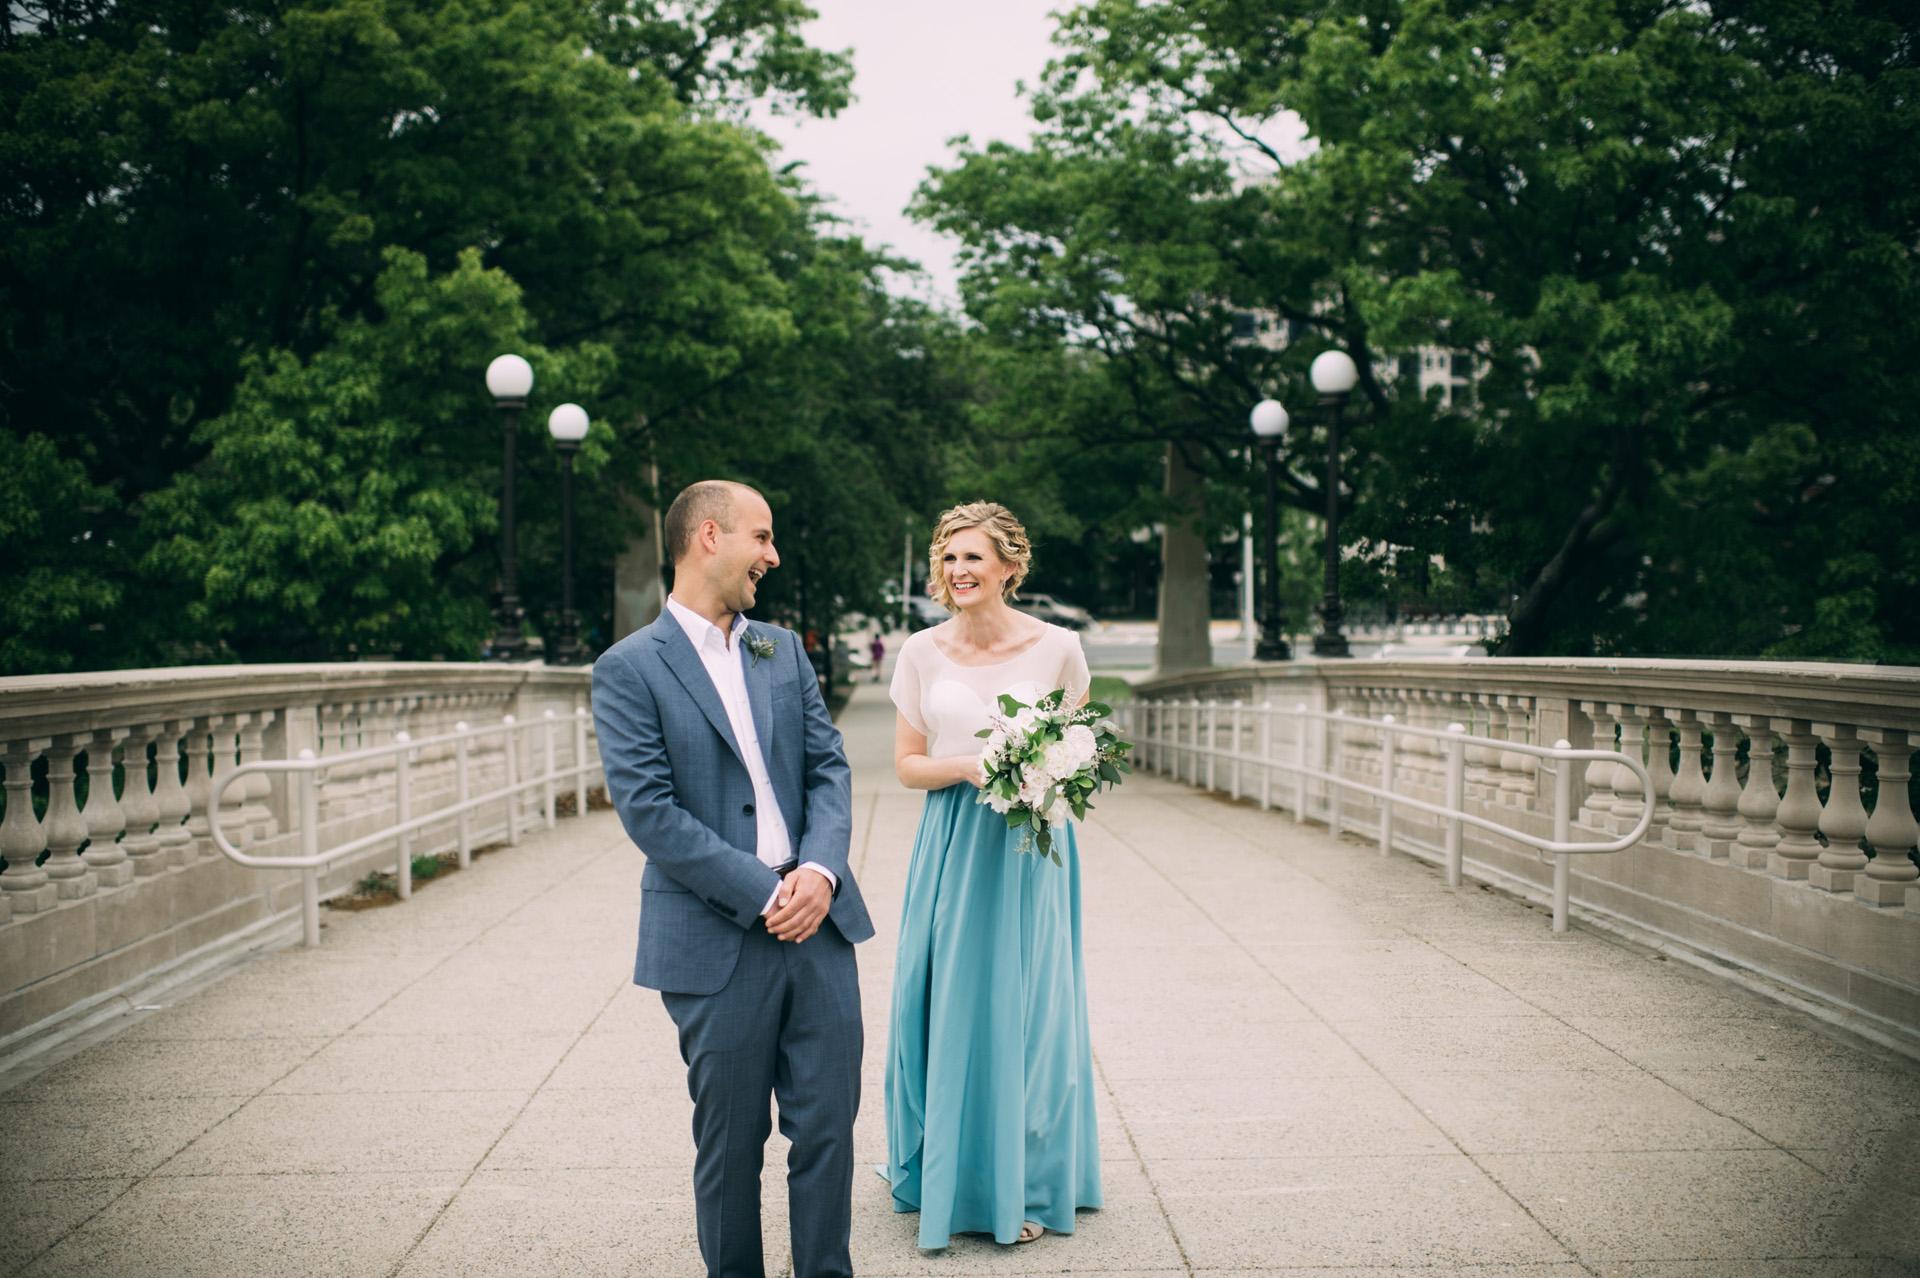 alden-harlow-wedding-photographer-14